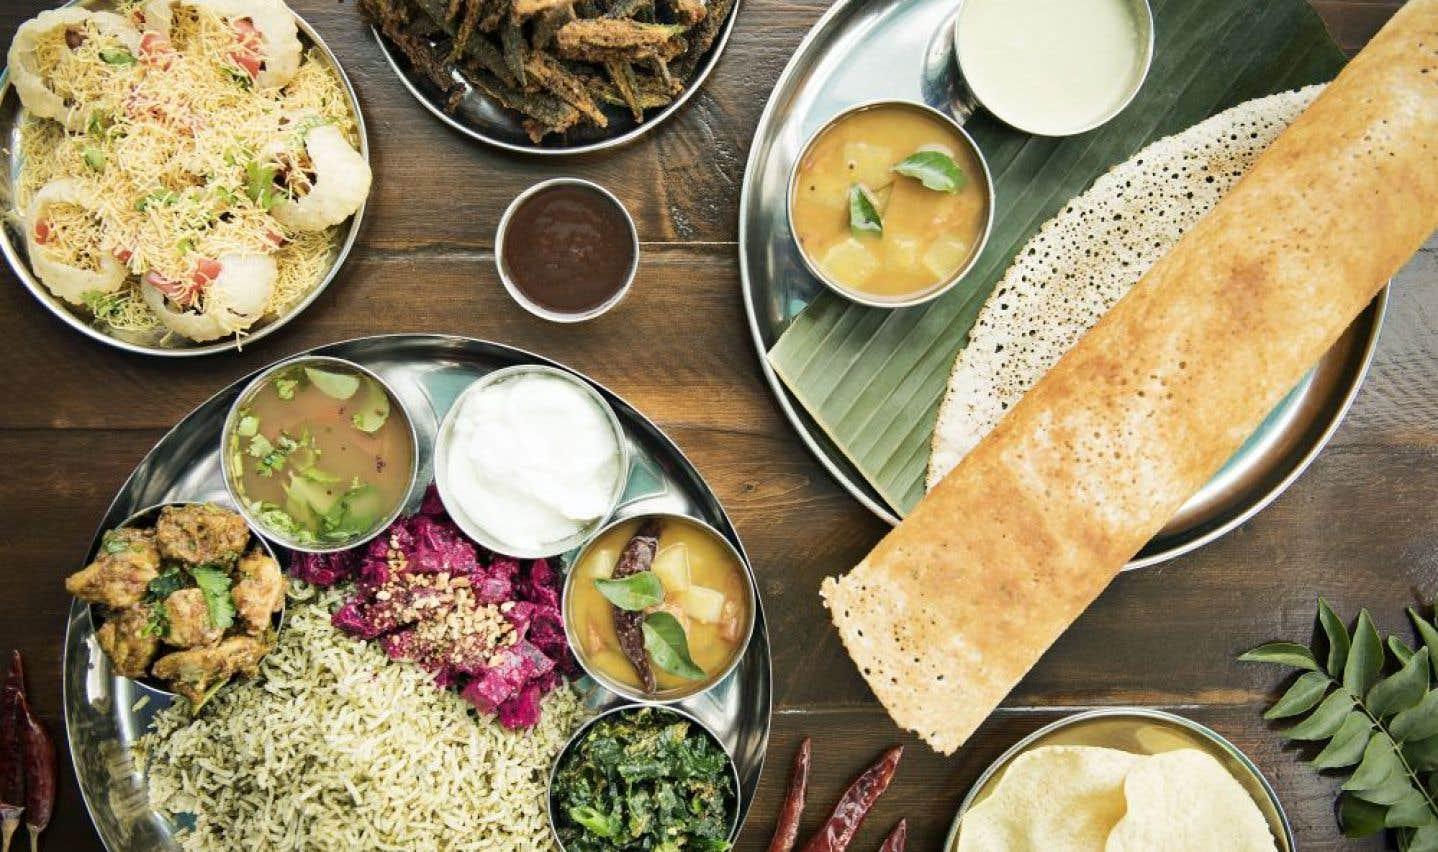 Au moment de choisir votre repas, vous serez baigné dans une douce décrispation; sept plats au total, ça permet de faire le tour du menu assez vite et de se décider rapidement.